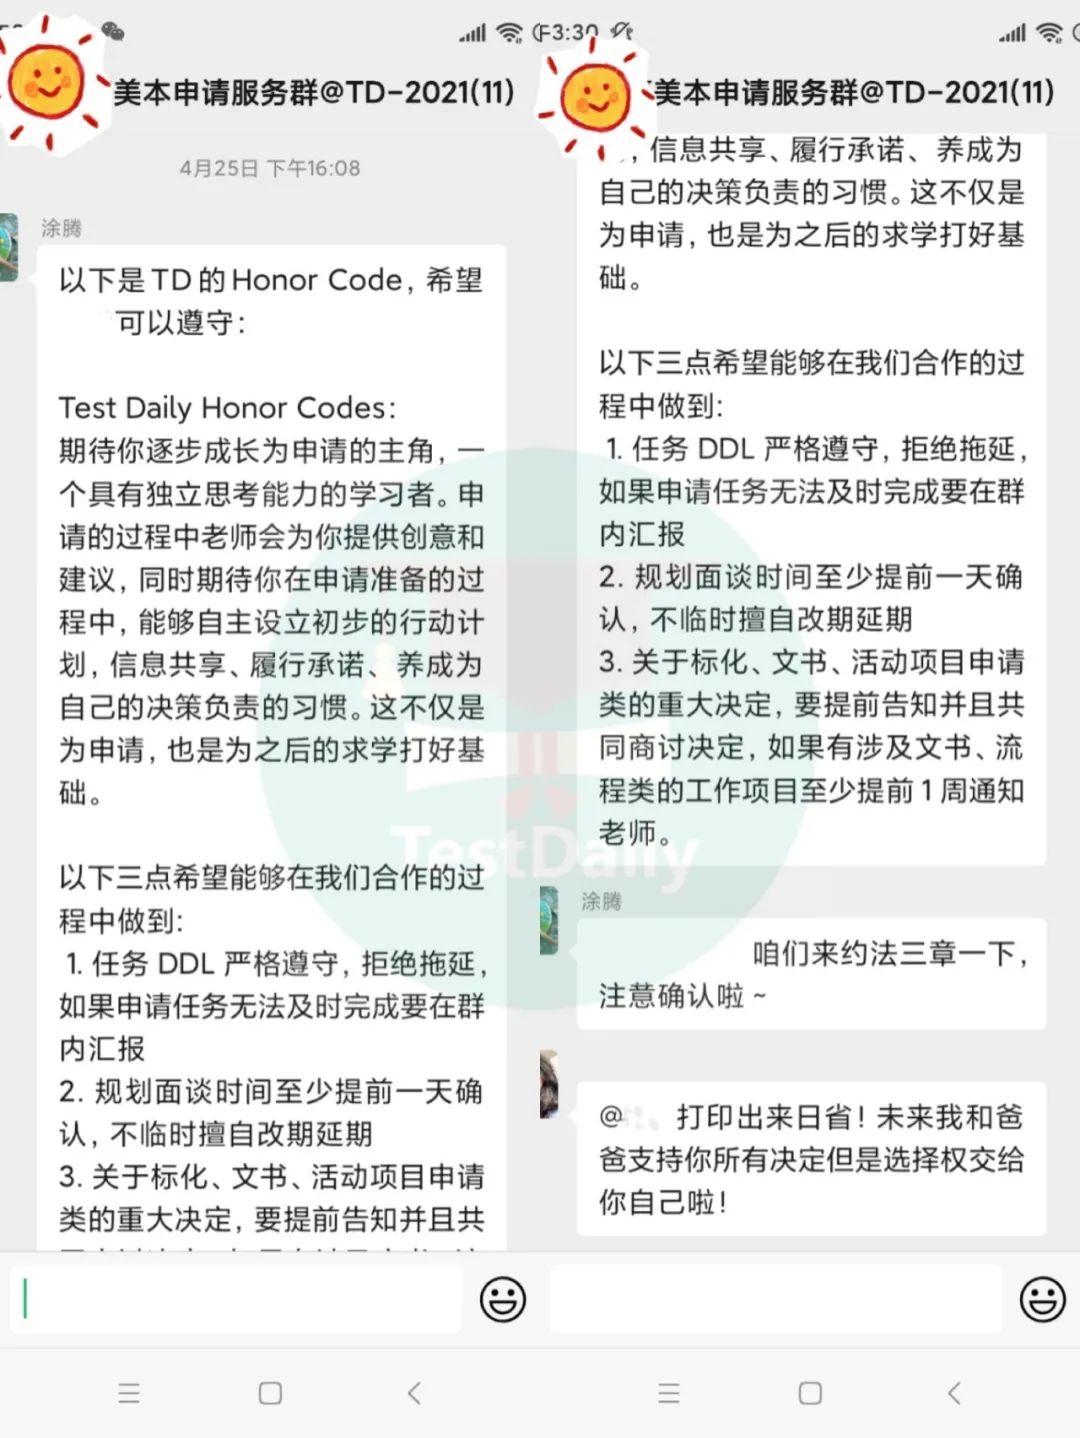 厚朴优学申请为什么要求学生遵守Honor Codes(学员准则)?-厚朴留学中介